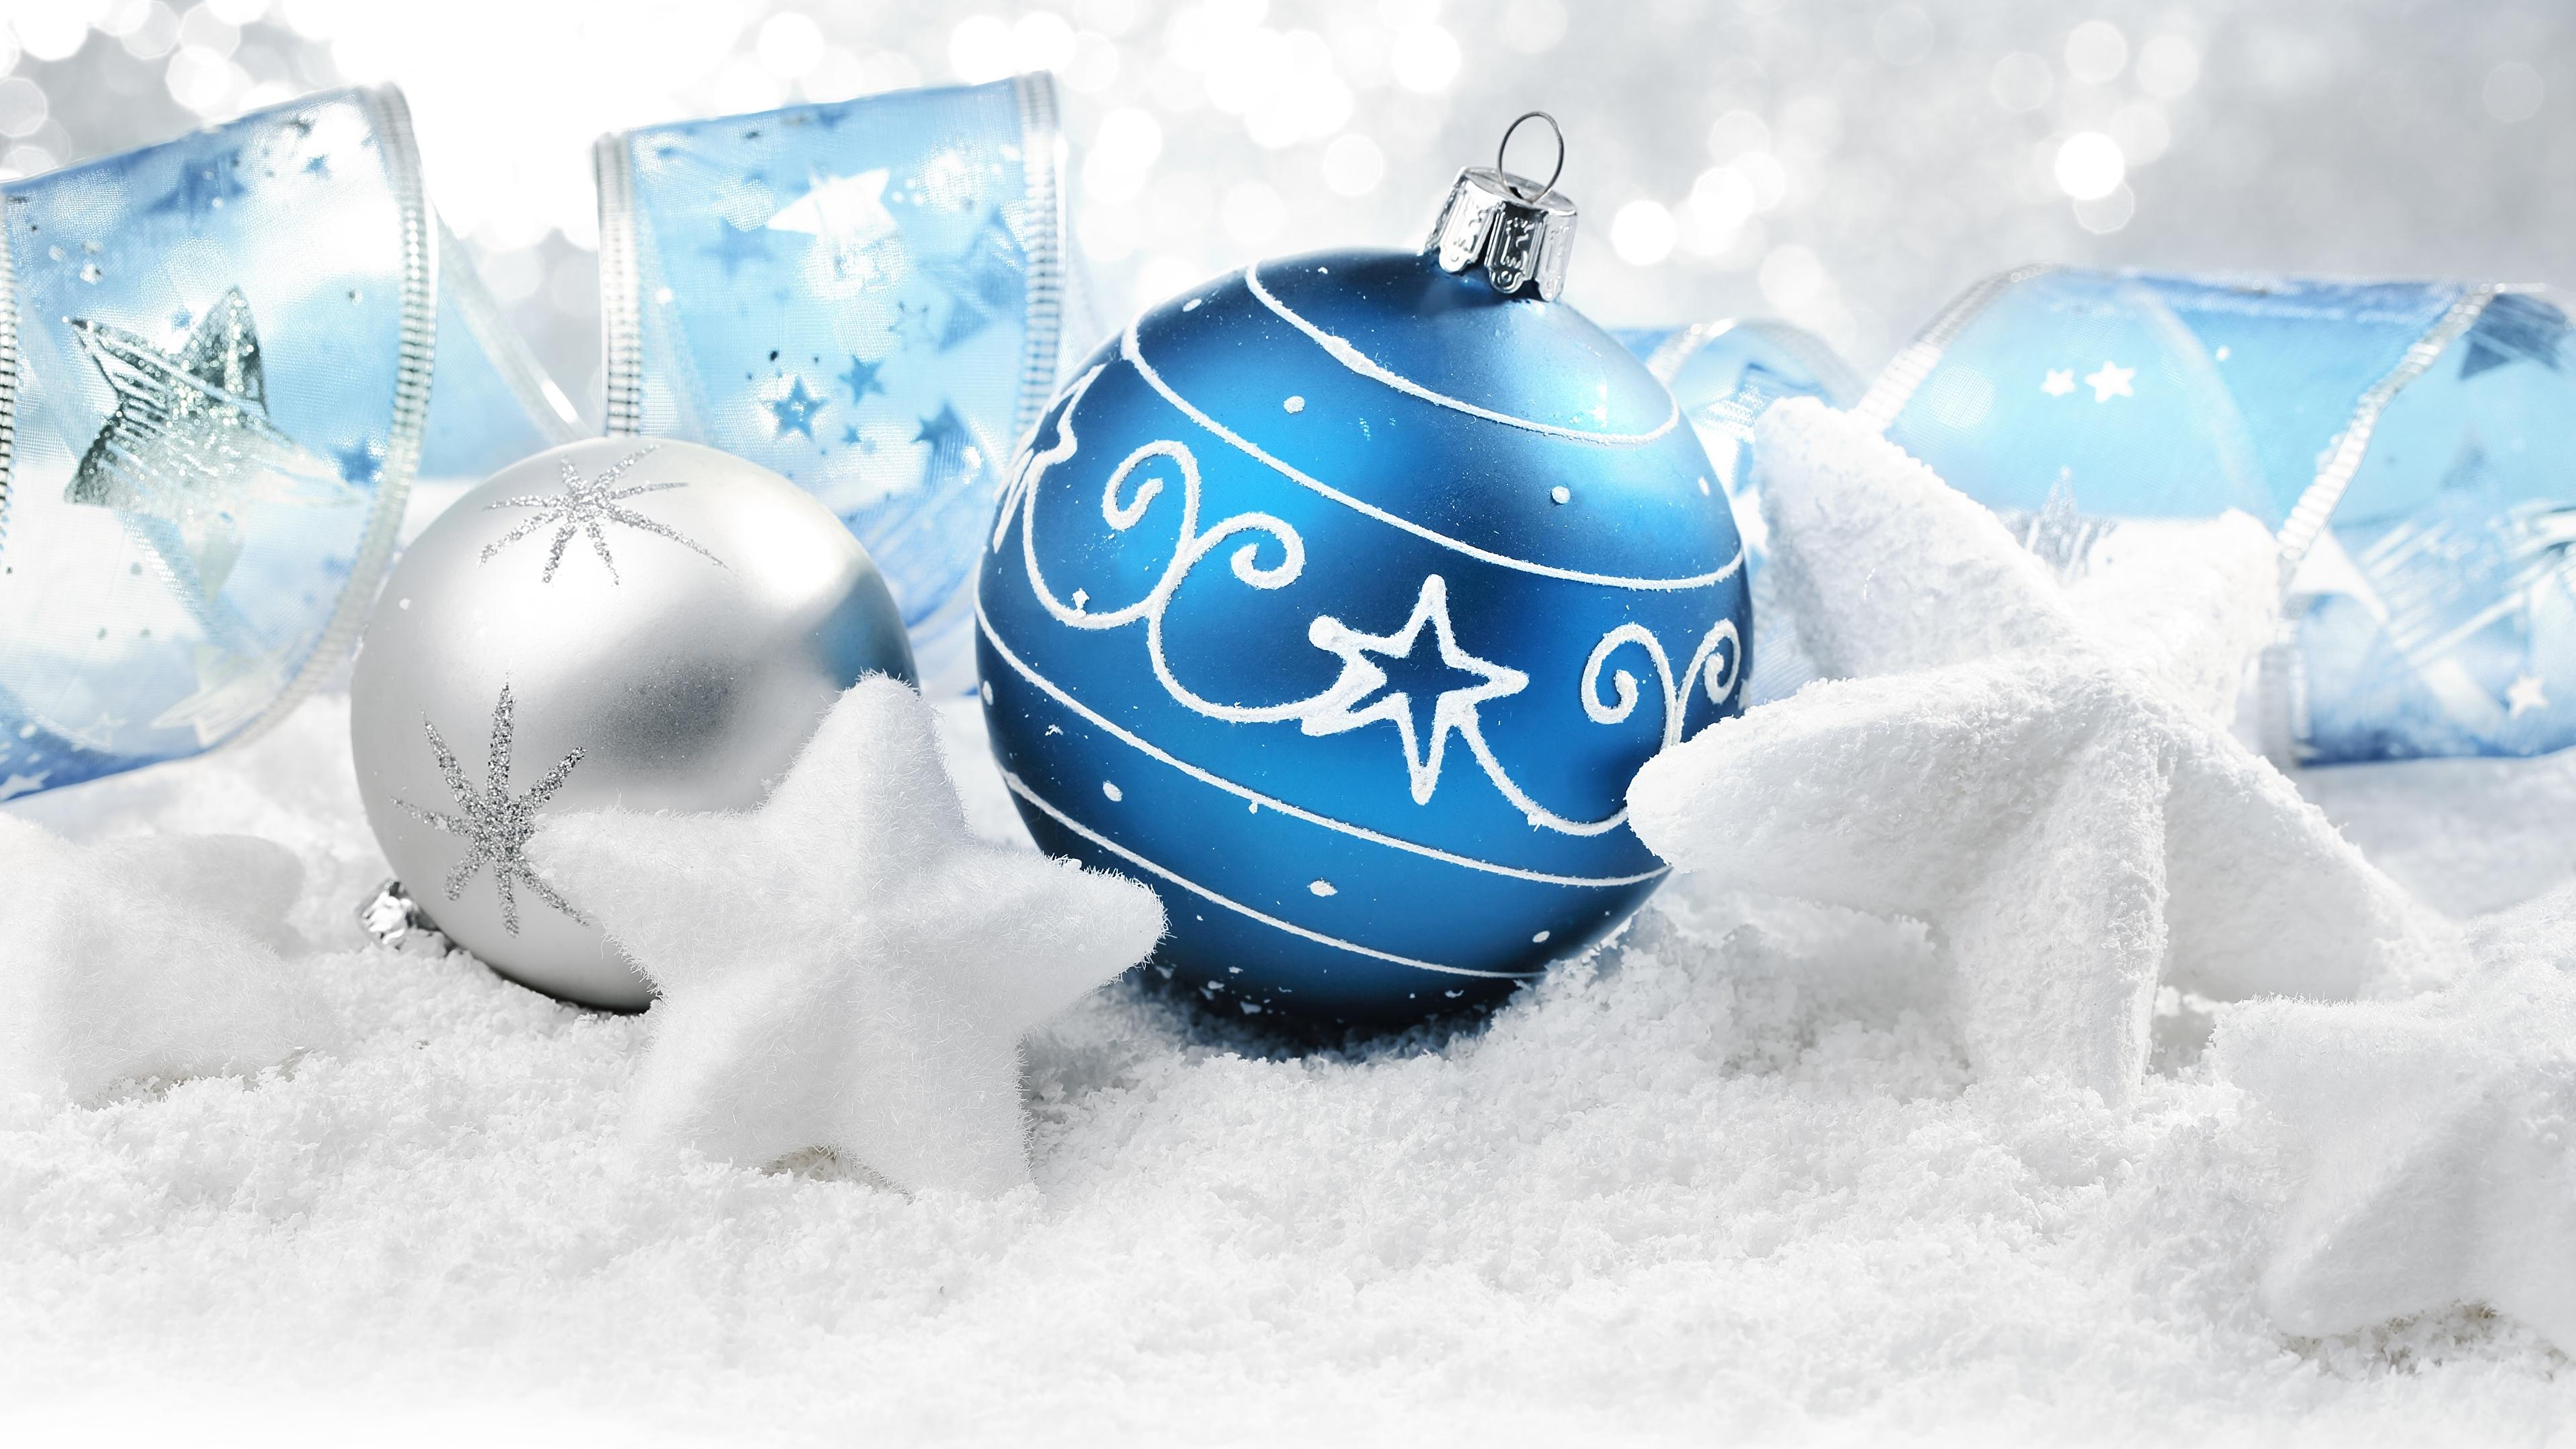 Шары украшения новый год снег Balls decoration new year snow онлайн